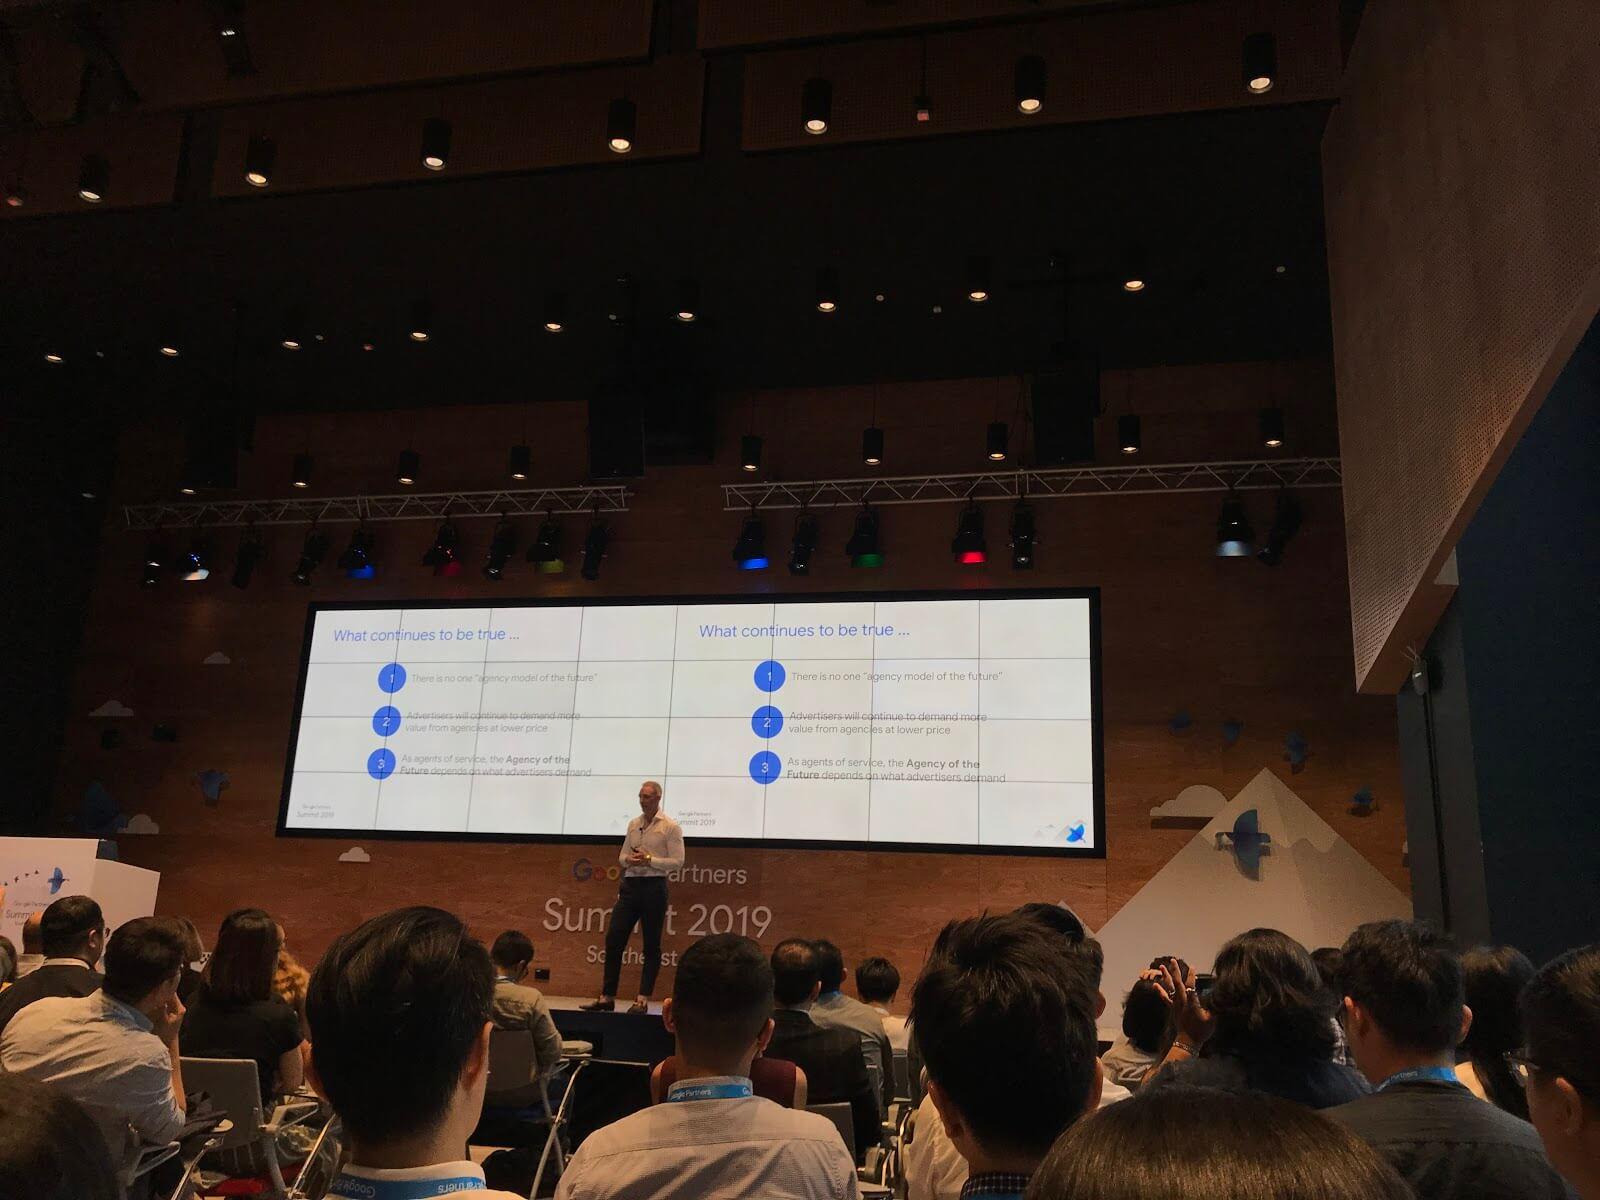 Sự-kiện-Google-summit-nói-về-tương-lai-Agency